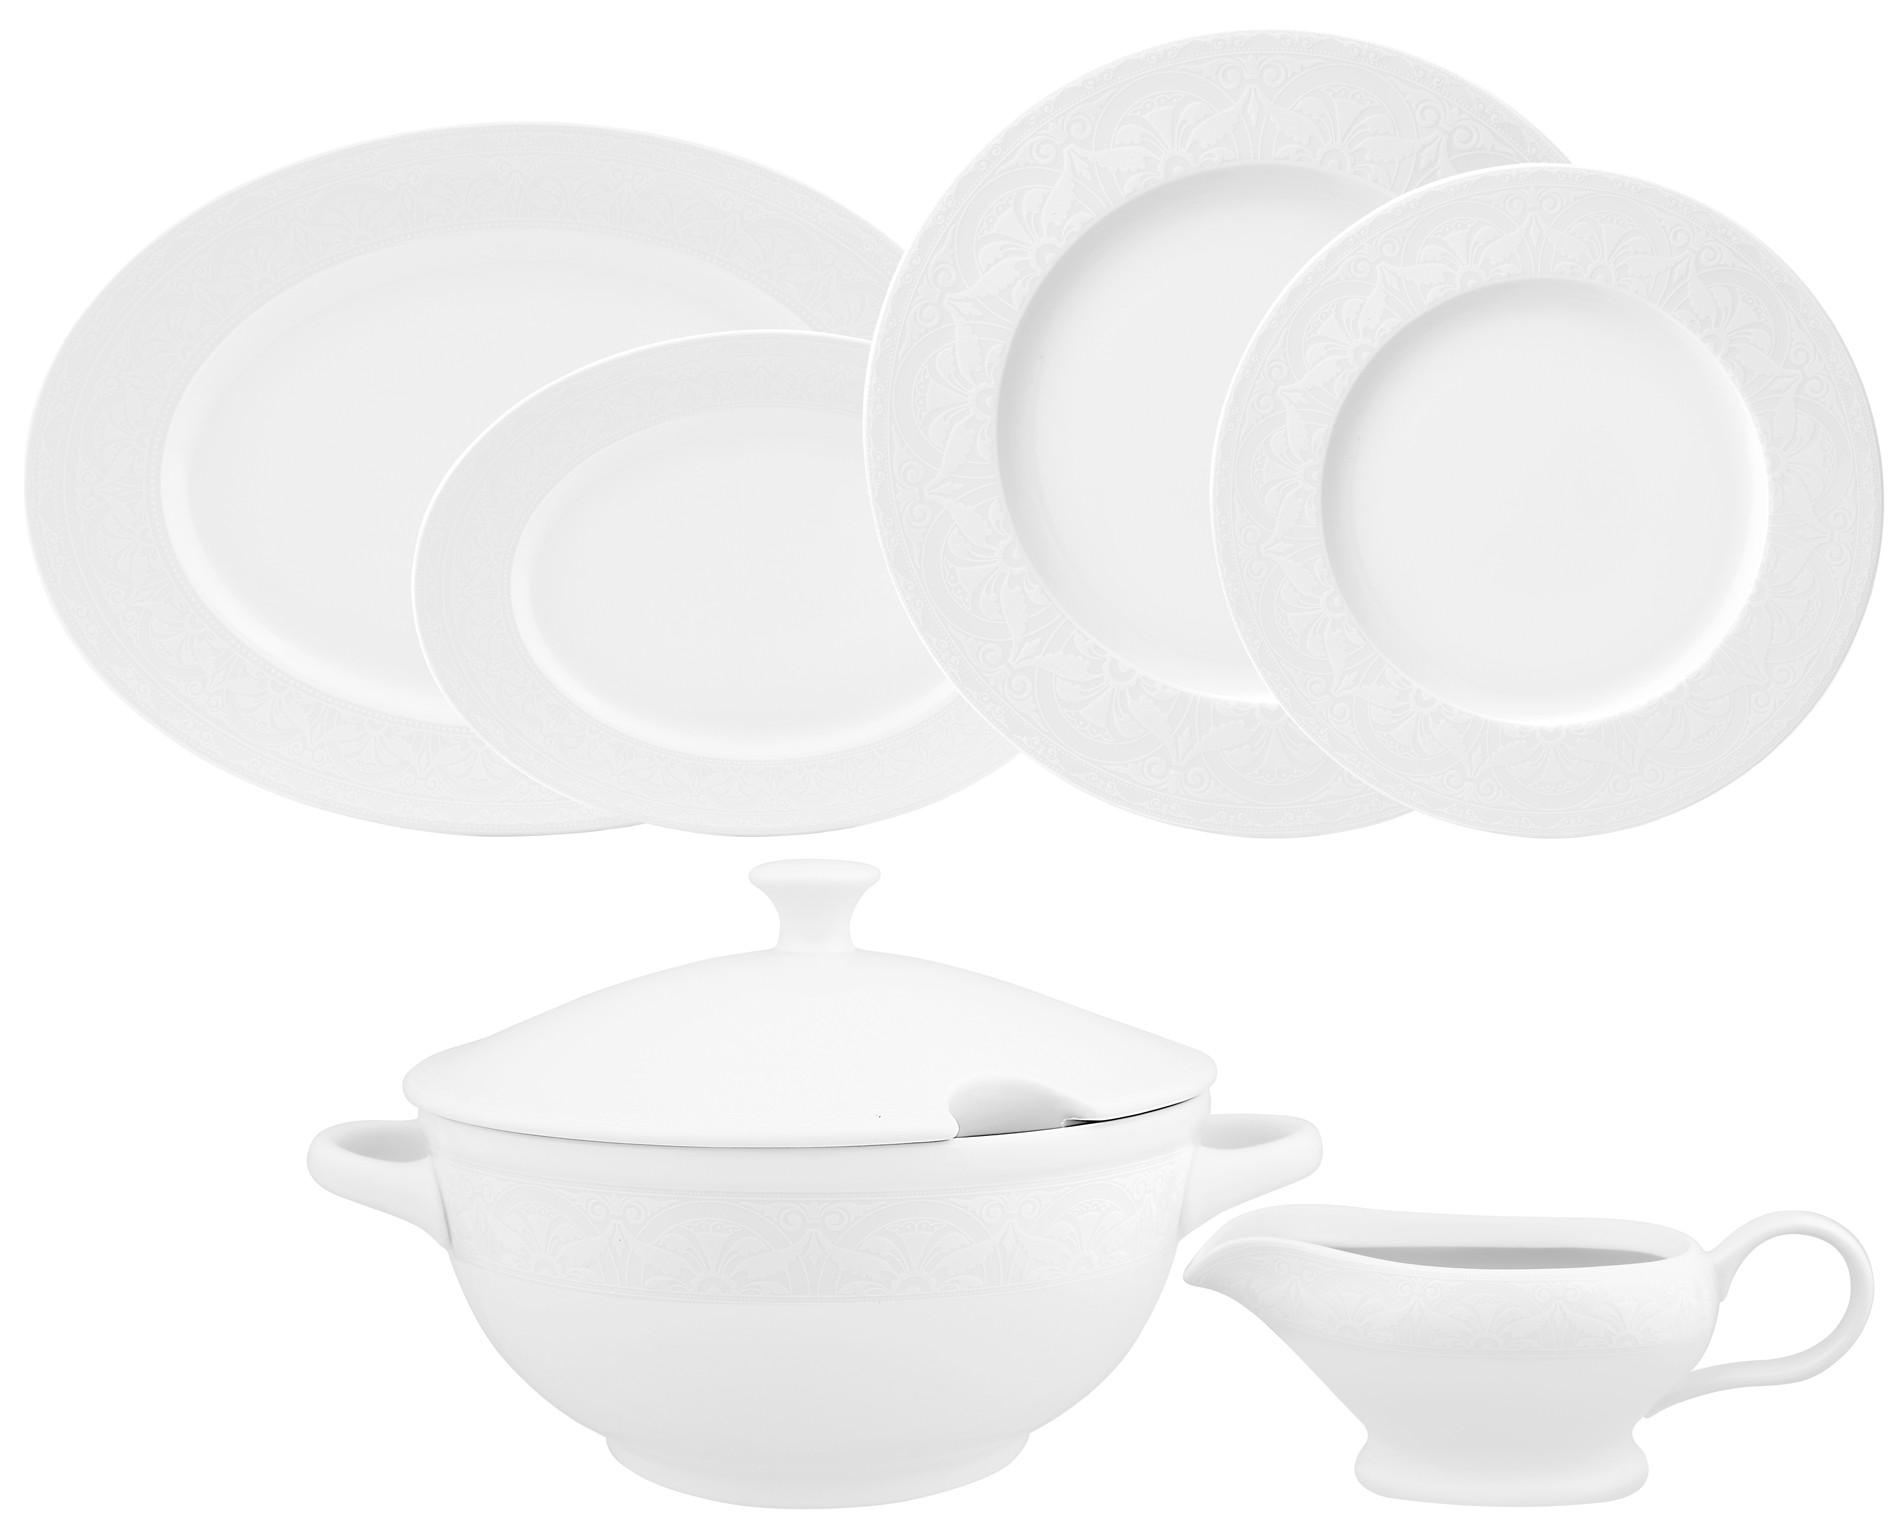 Σερβίτσιο Φαγητού Nostalgia 33τμχ. Ionia home   ειδη σερβιρισματος   πιάτα   σερβίτσια